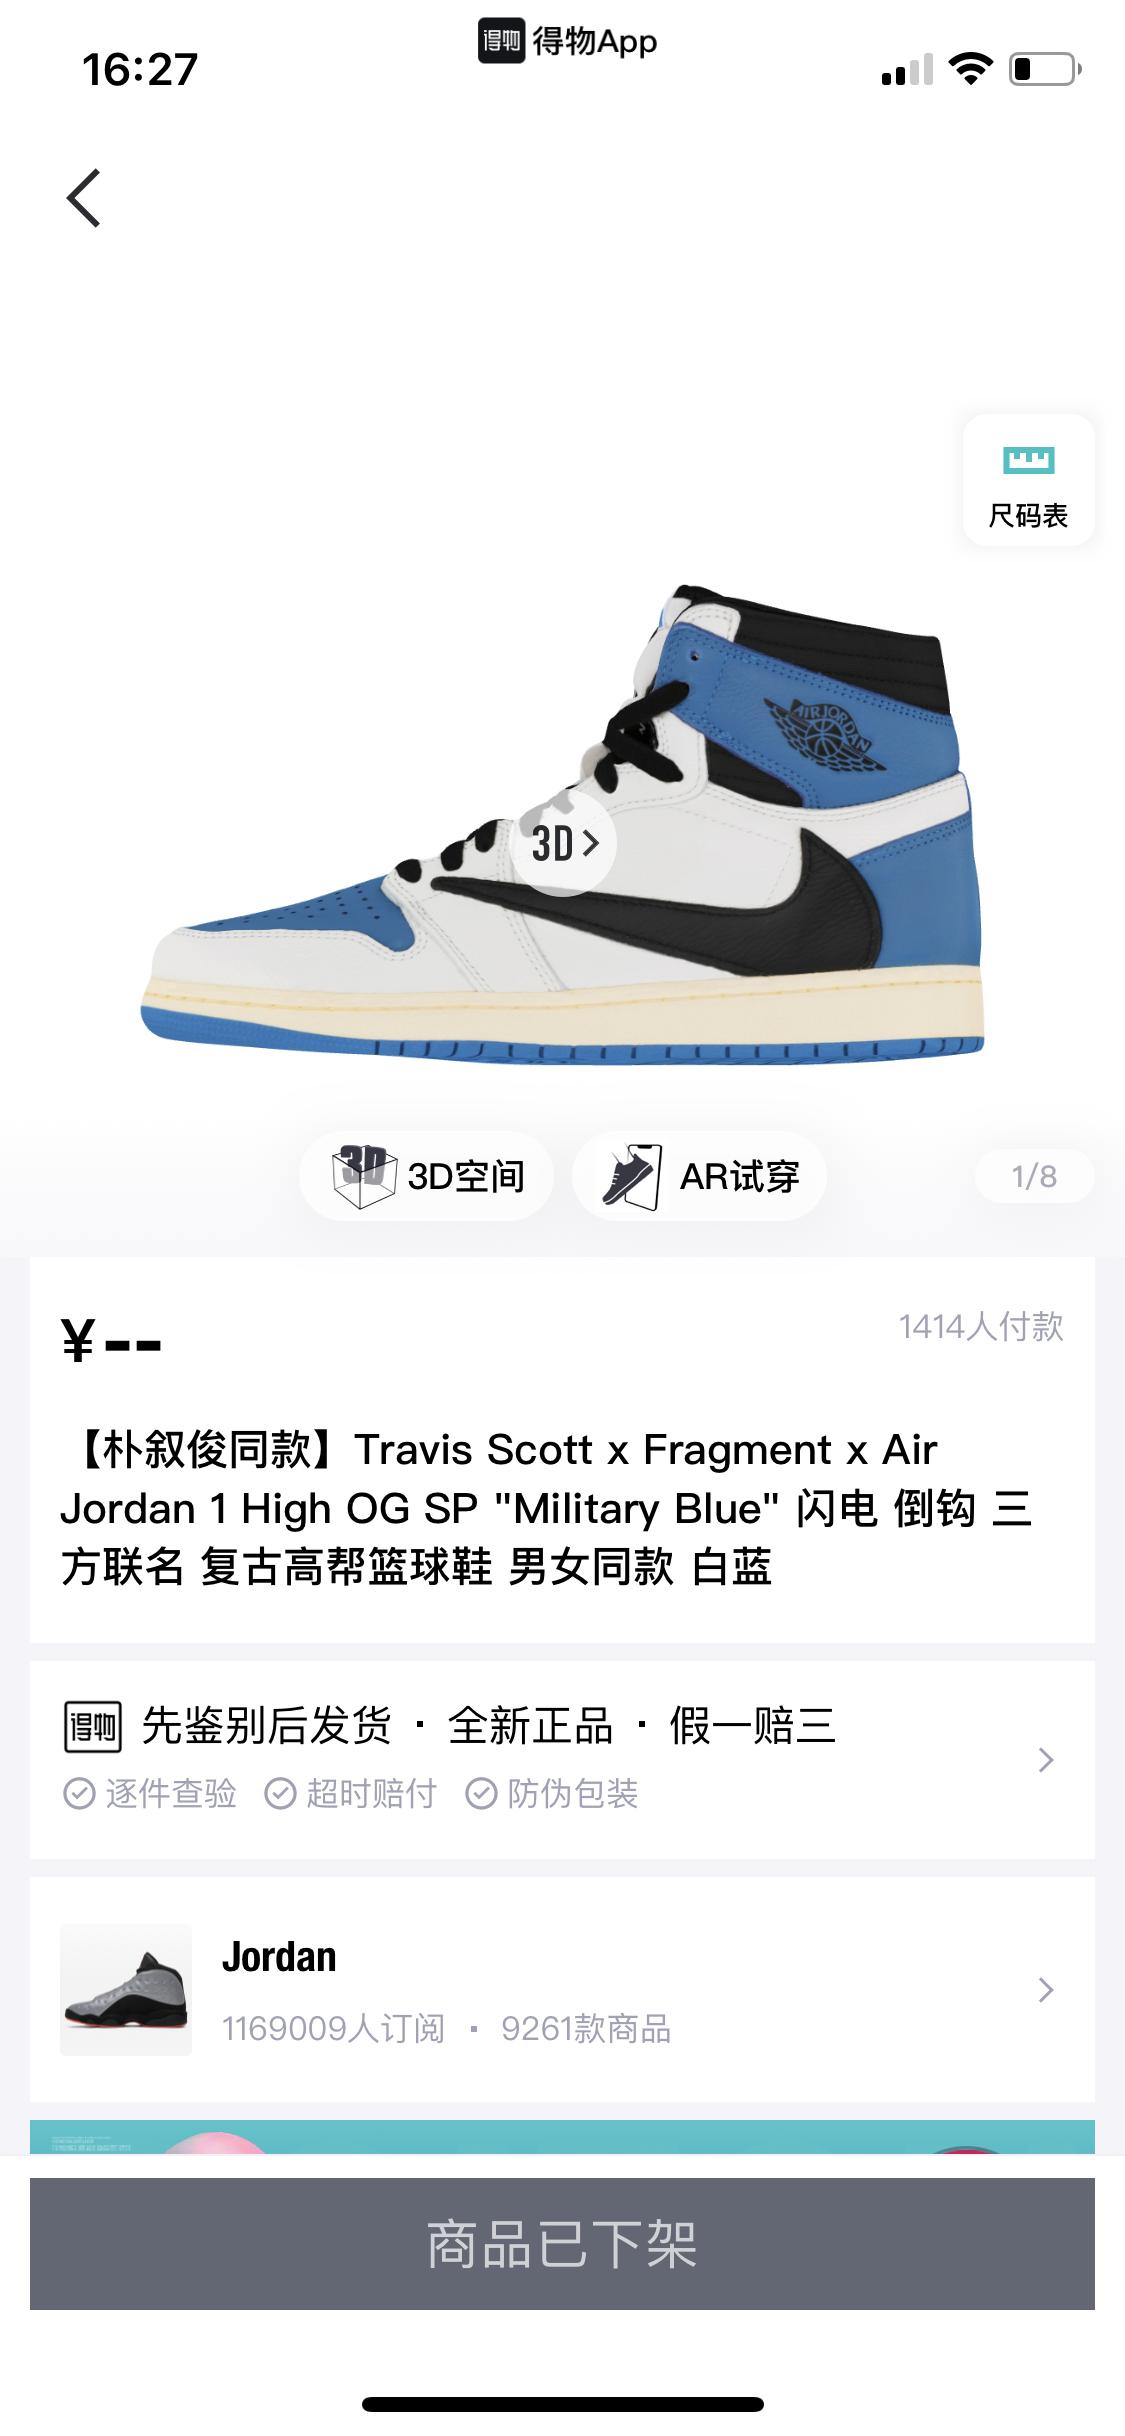 耐克球鞋爆炒至69999元,溢价超40倍